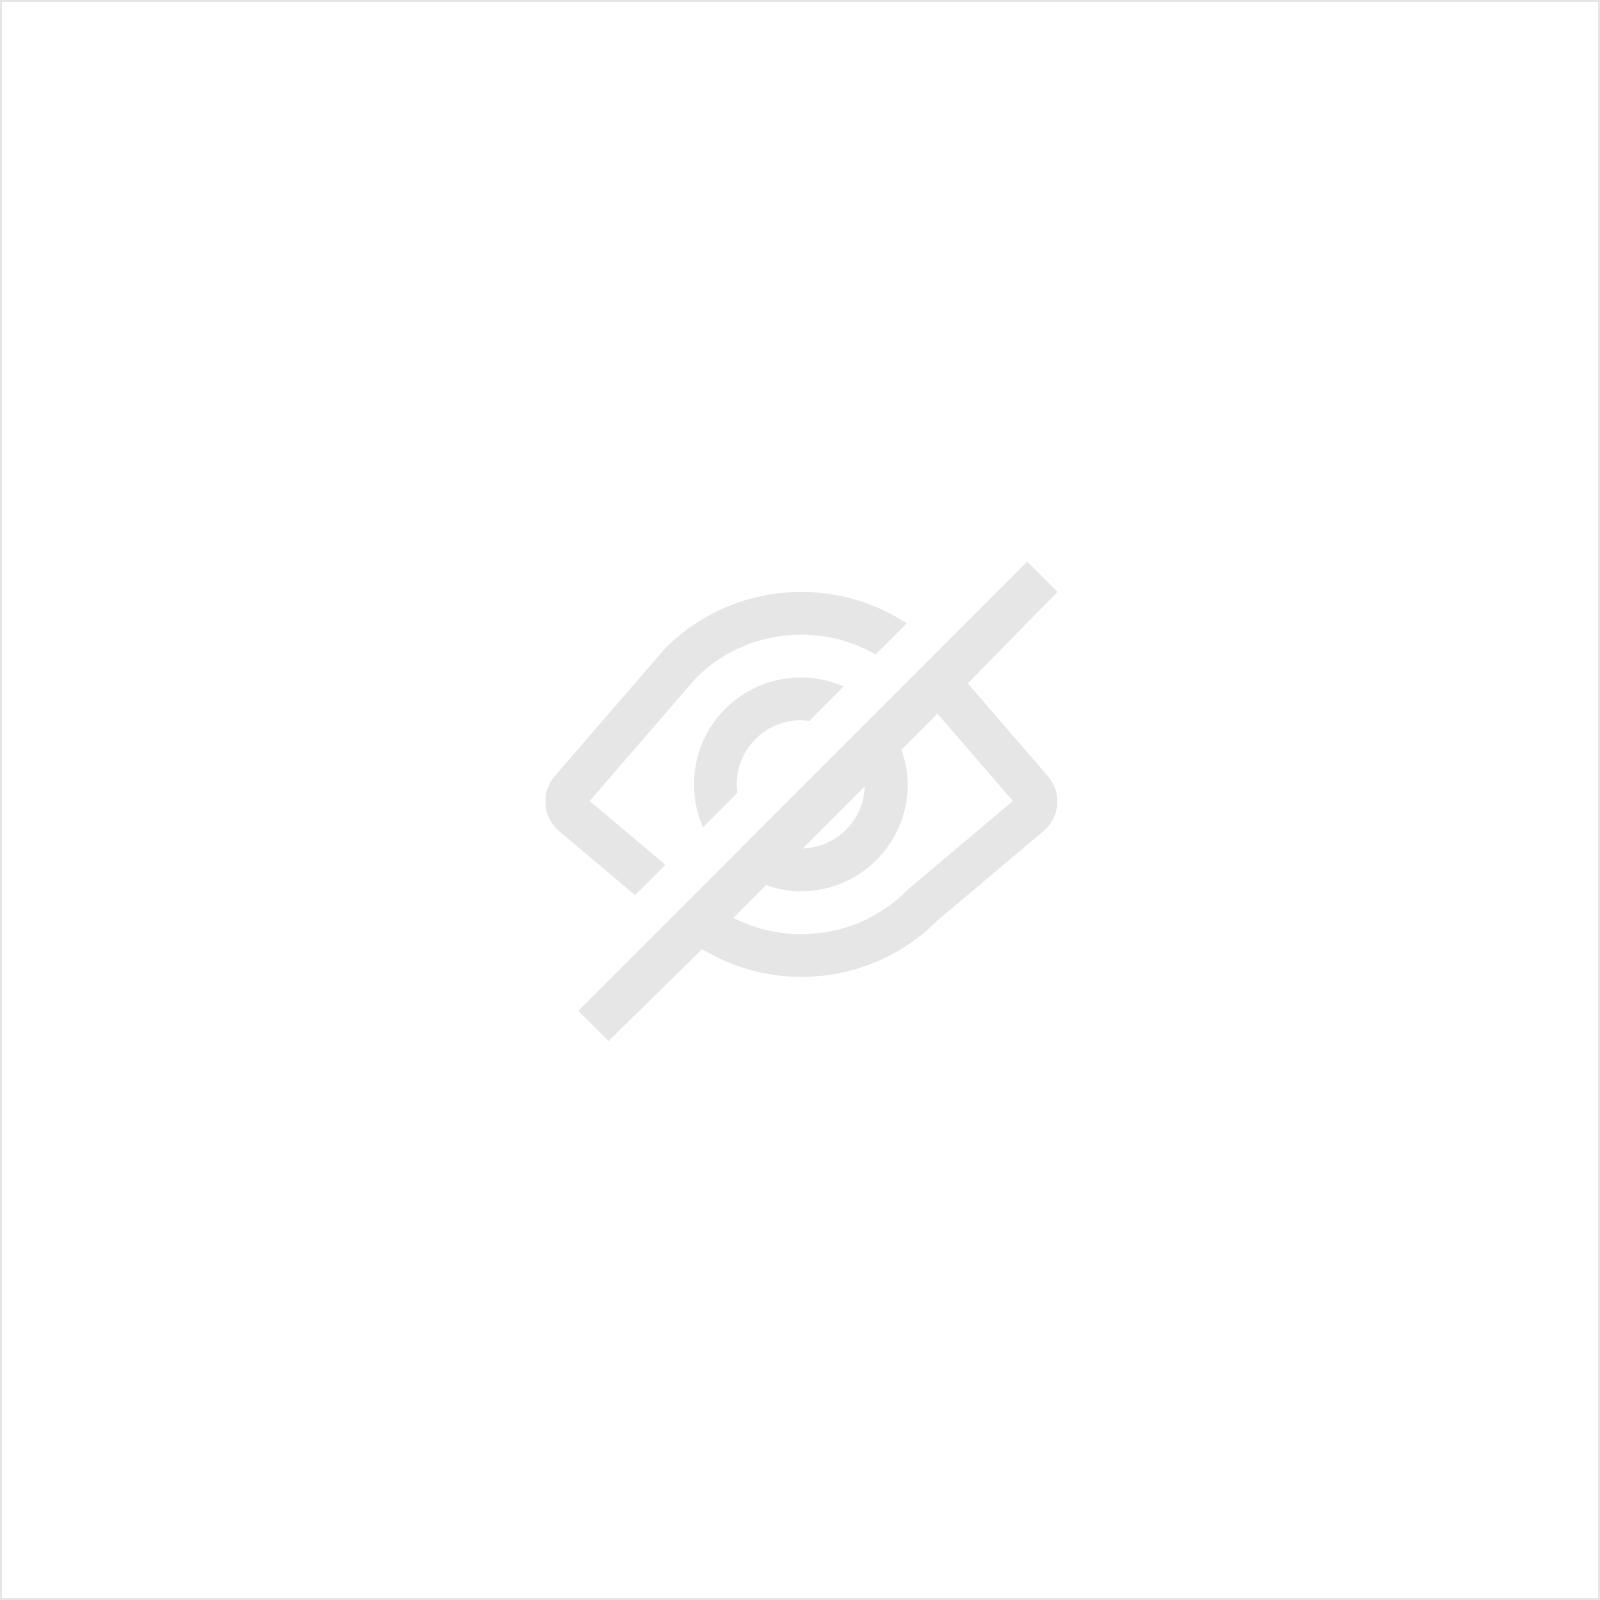 CLECO SATZ : FIXIERZANGE + 10 HEFTNADEL 1/8 + SEITENGRIFF KLAMMER 1/2